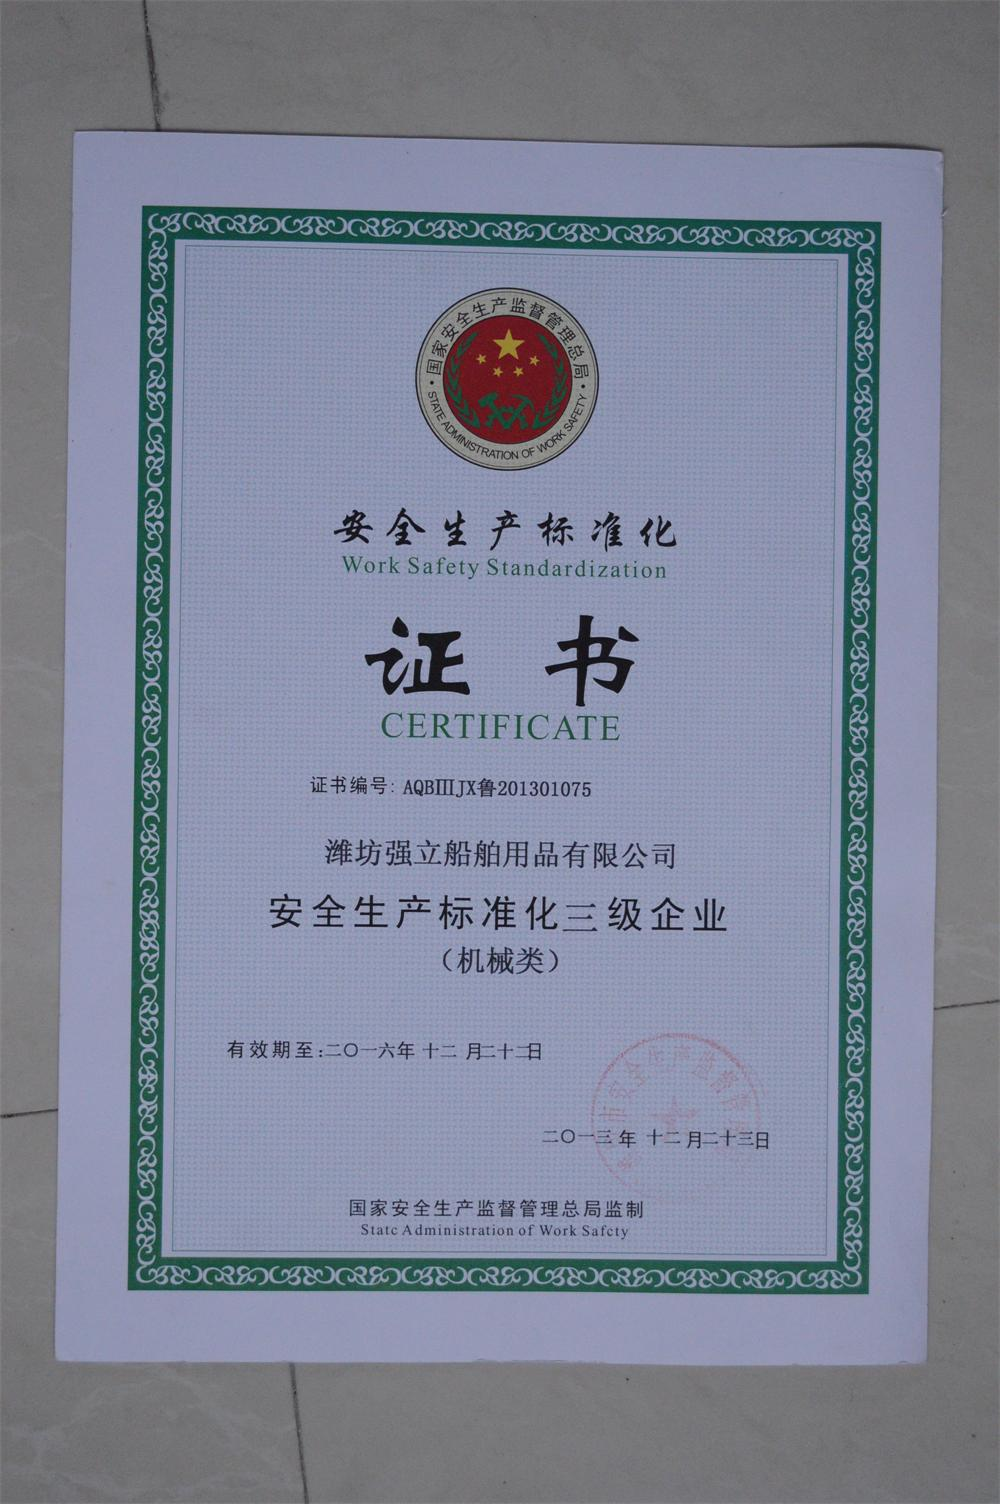 work safety standization certificate